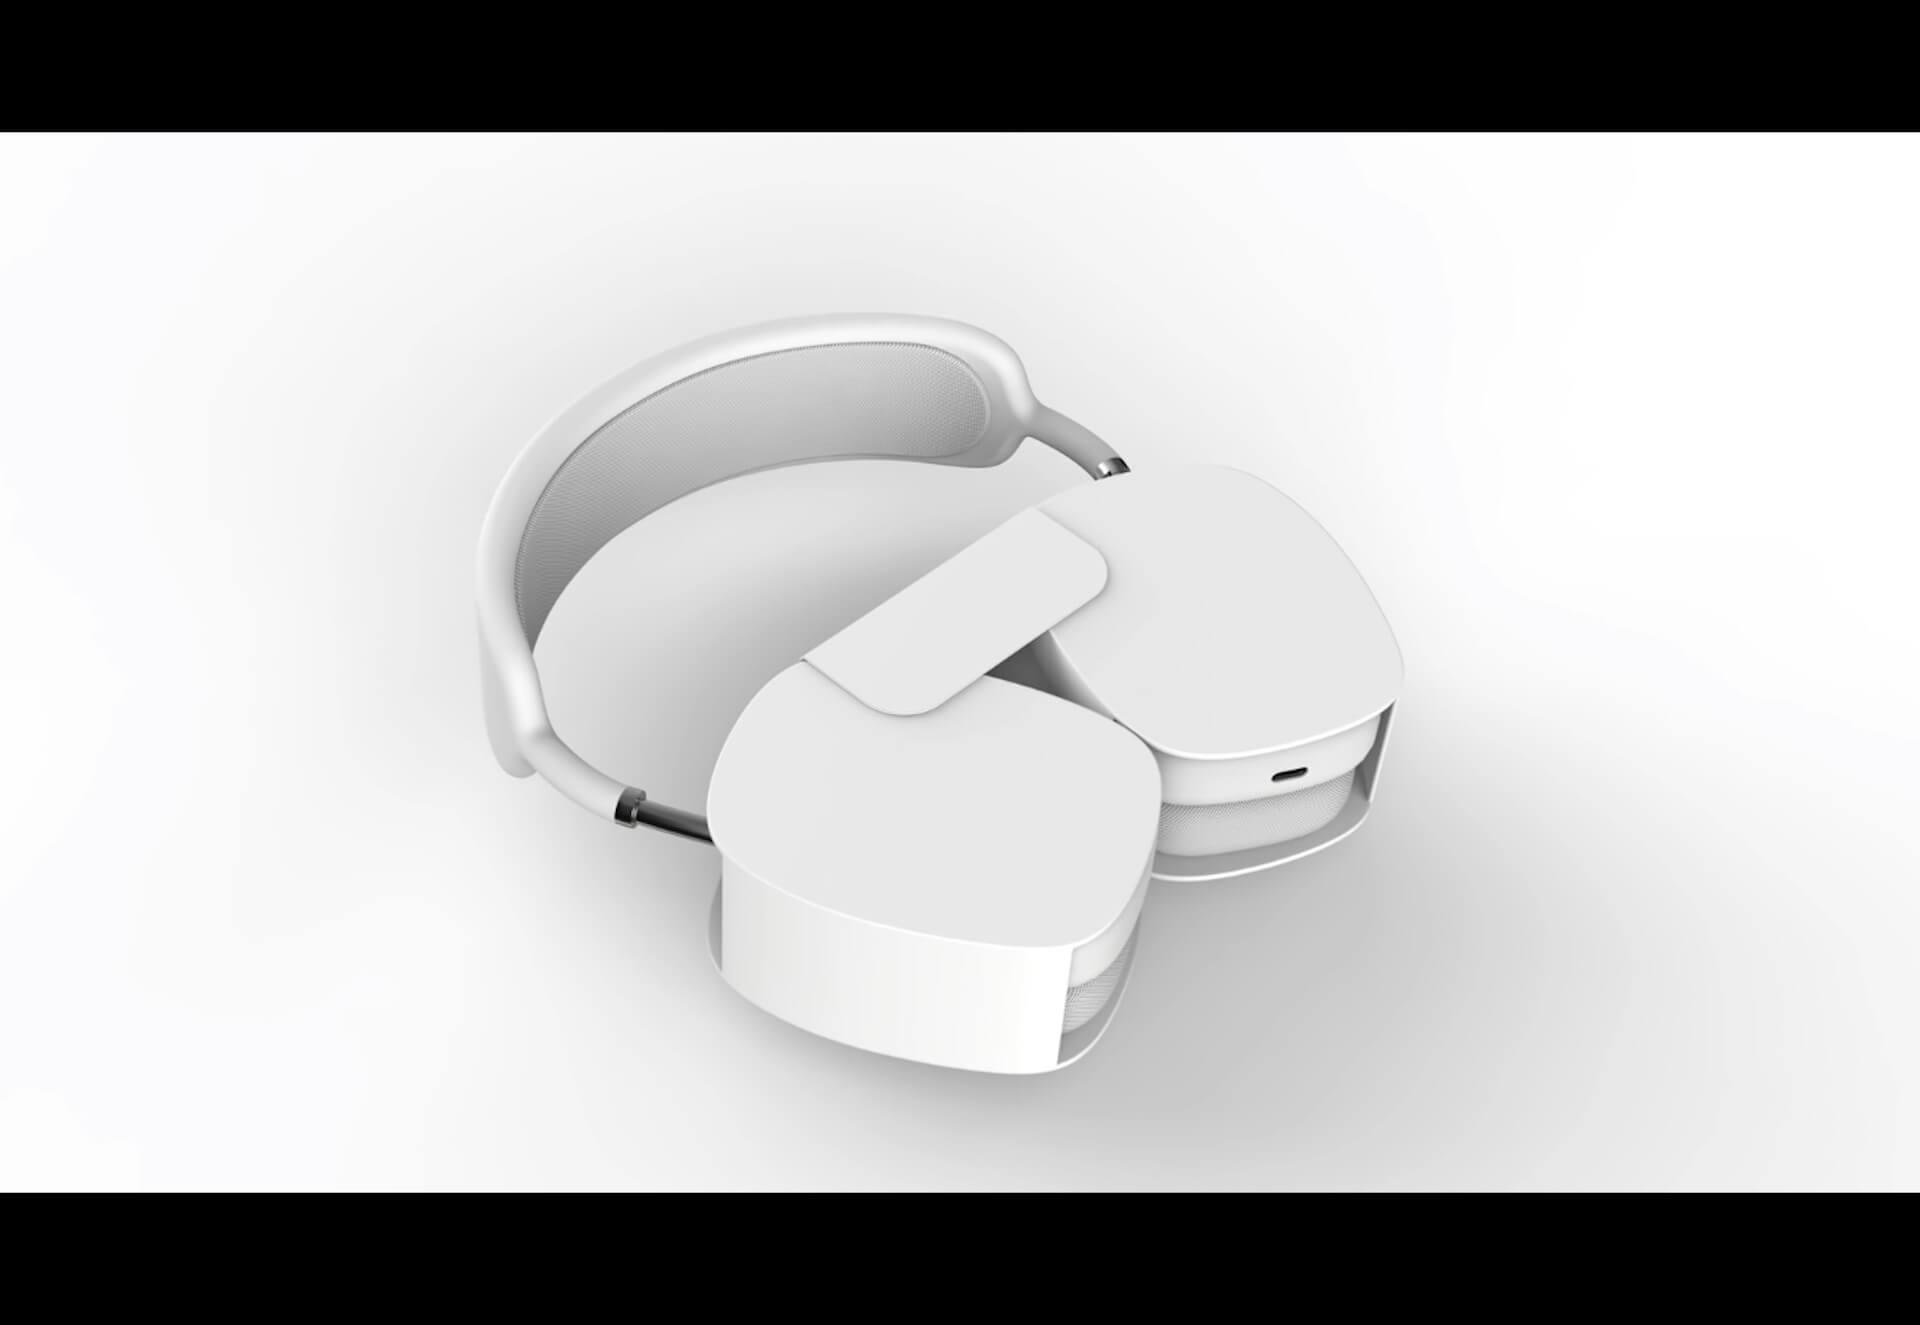 本日Appleから発表されるハードウェアは新型ヘッドホンのAirPods Studio?著名アナリストも示唆 tech201208_airpodsstudio_main